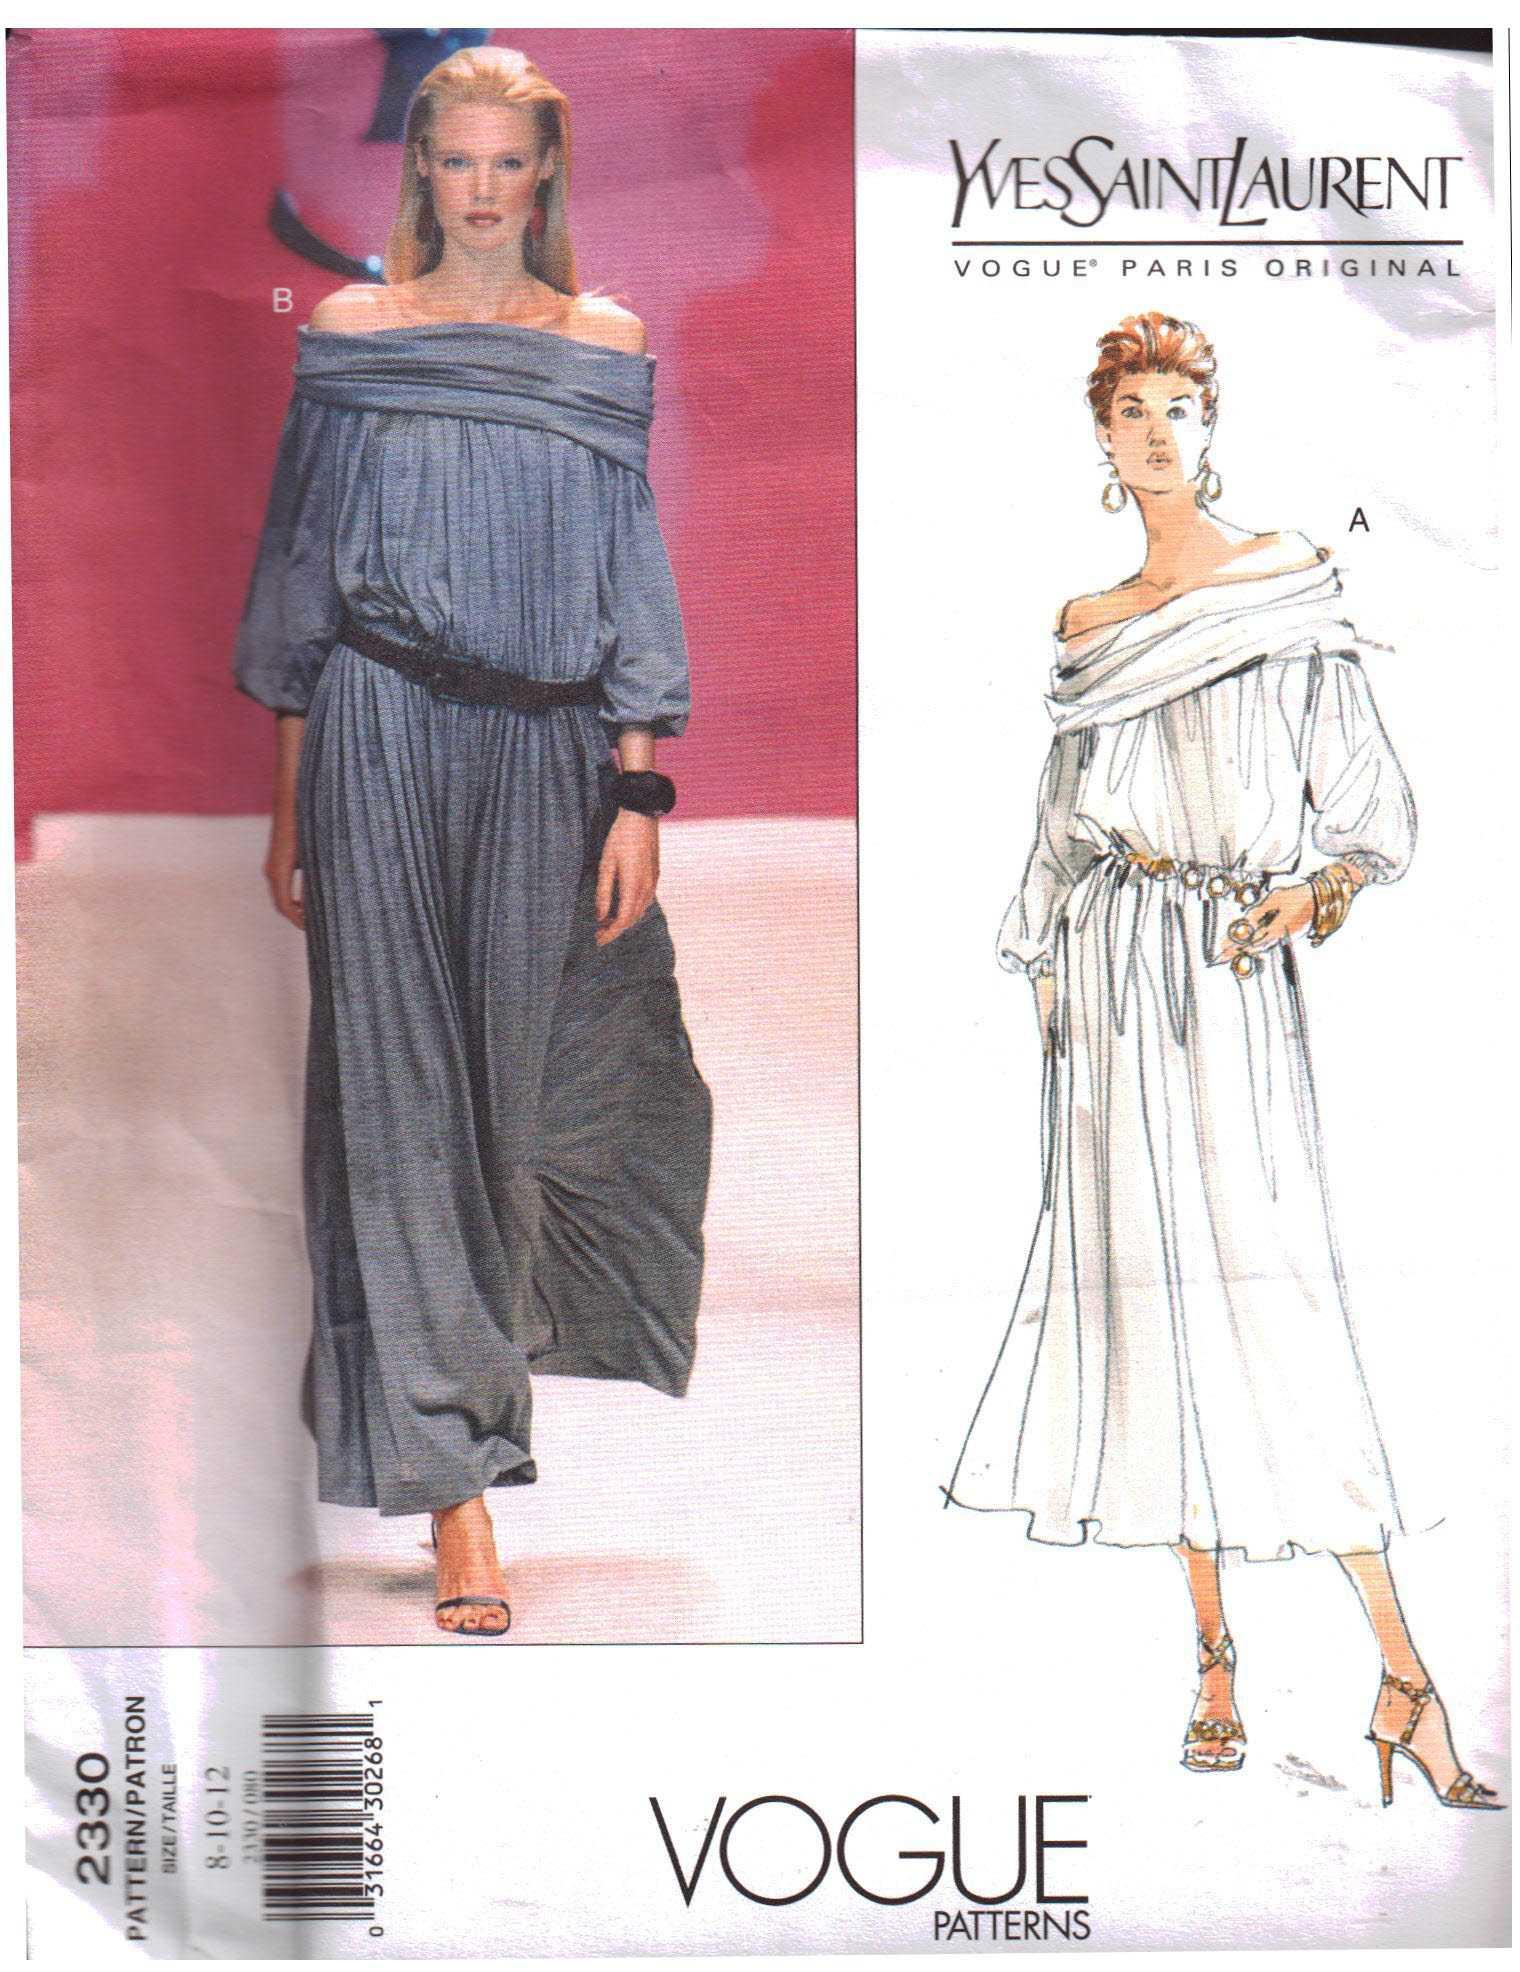 6d795945fec Vogue 2330 Dress by Yves Saint Laurent Size: 8-10-12 Uncut Sewing Pattern